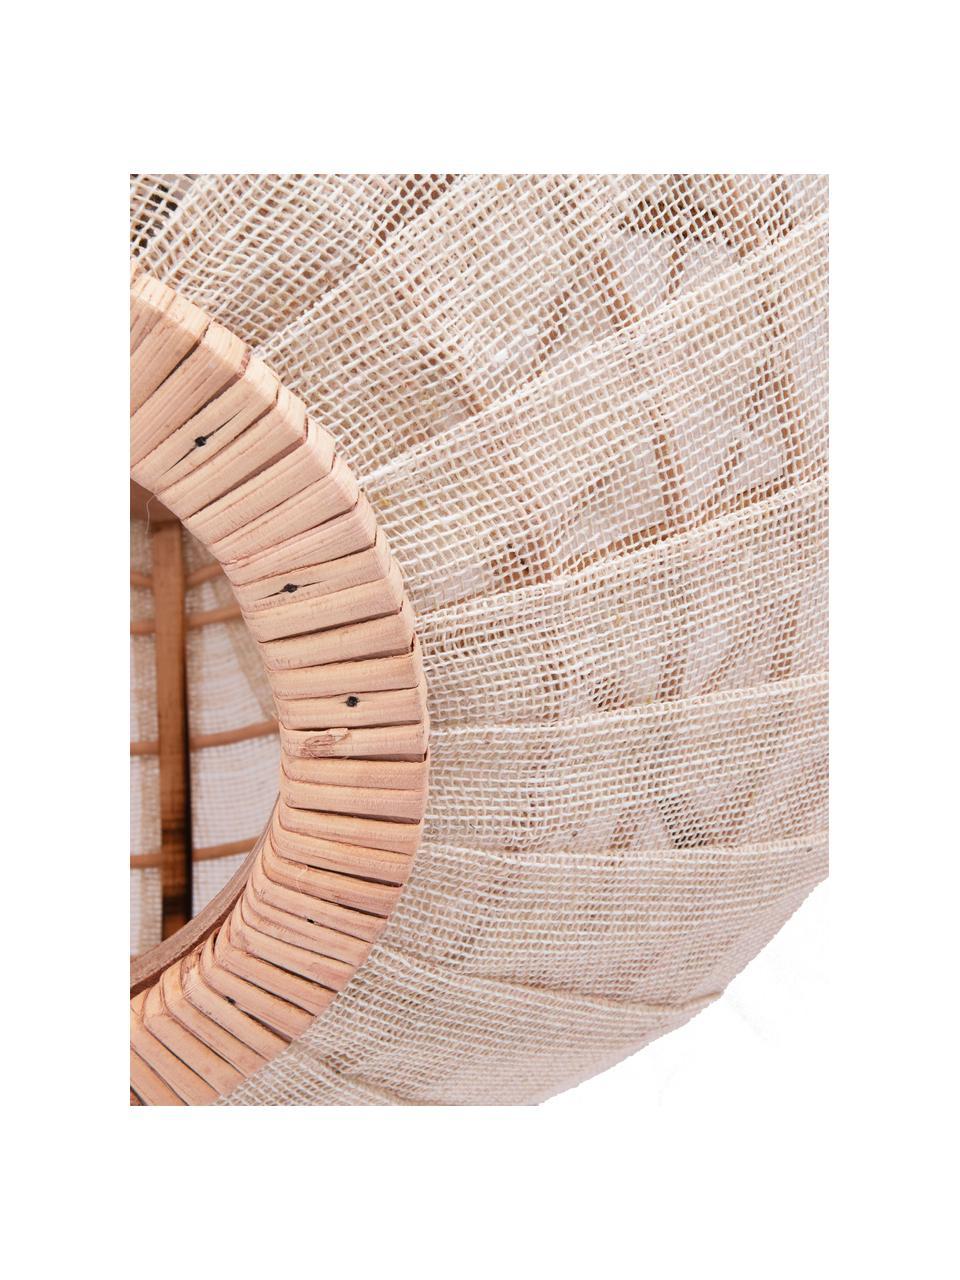 Lampada a sospensione in rattan e lino Borneo, Paralume: lino, Struttura: rattan, Baldacchino: metallo rivestito, Beige, bianco latteo, Ø 43 x Alt. 26 cm